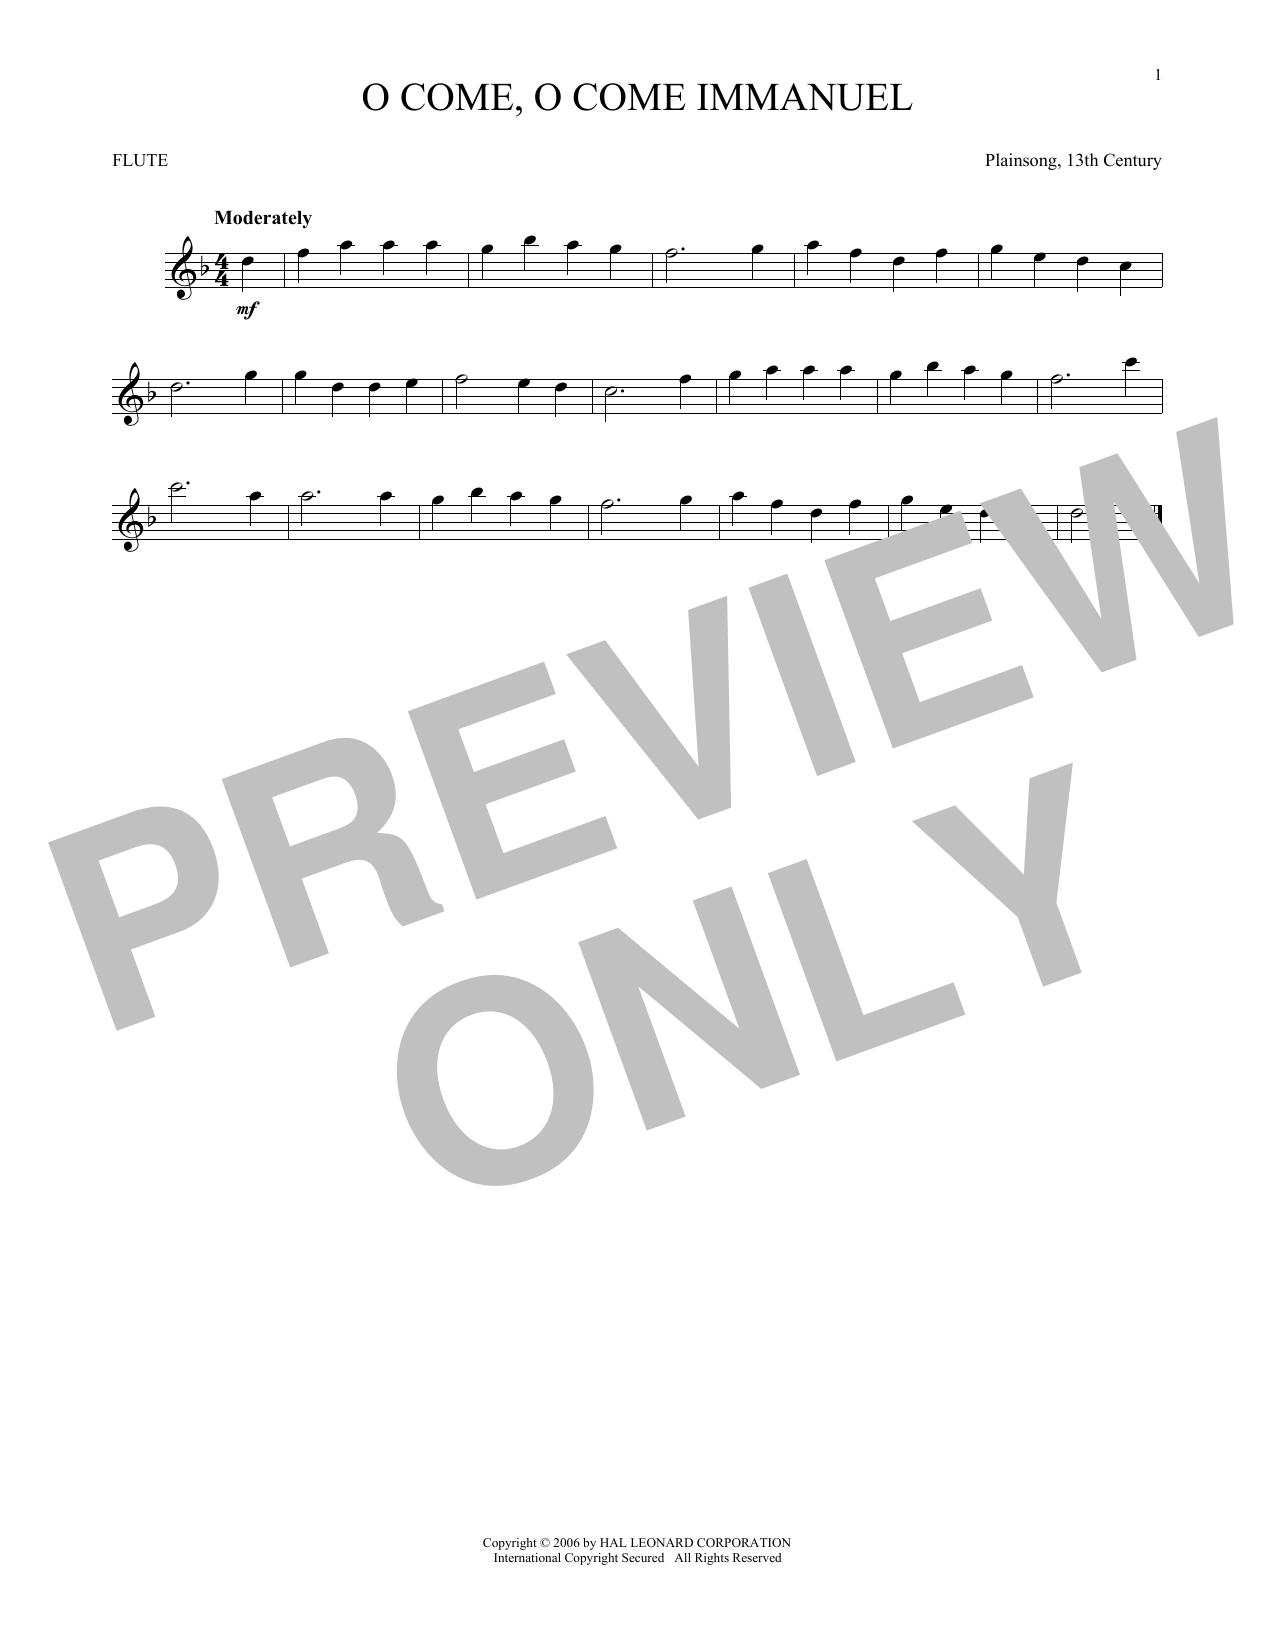 O Come, O Come Immanuel (Flute Solo)